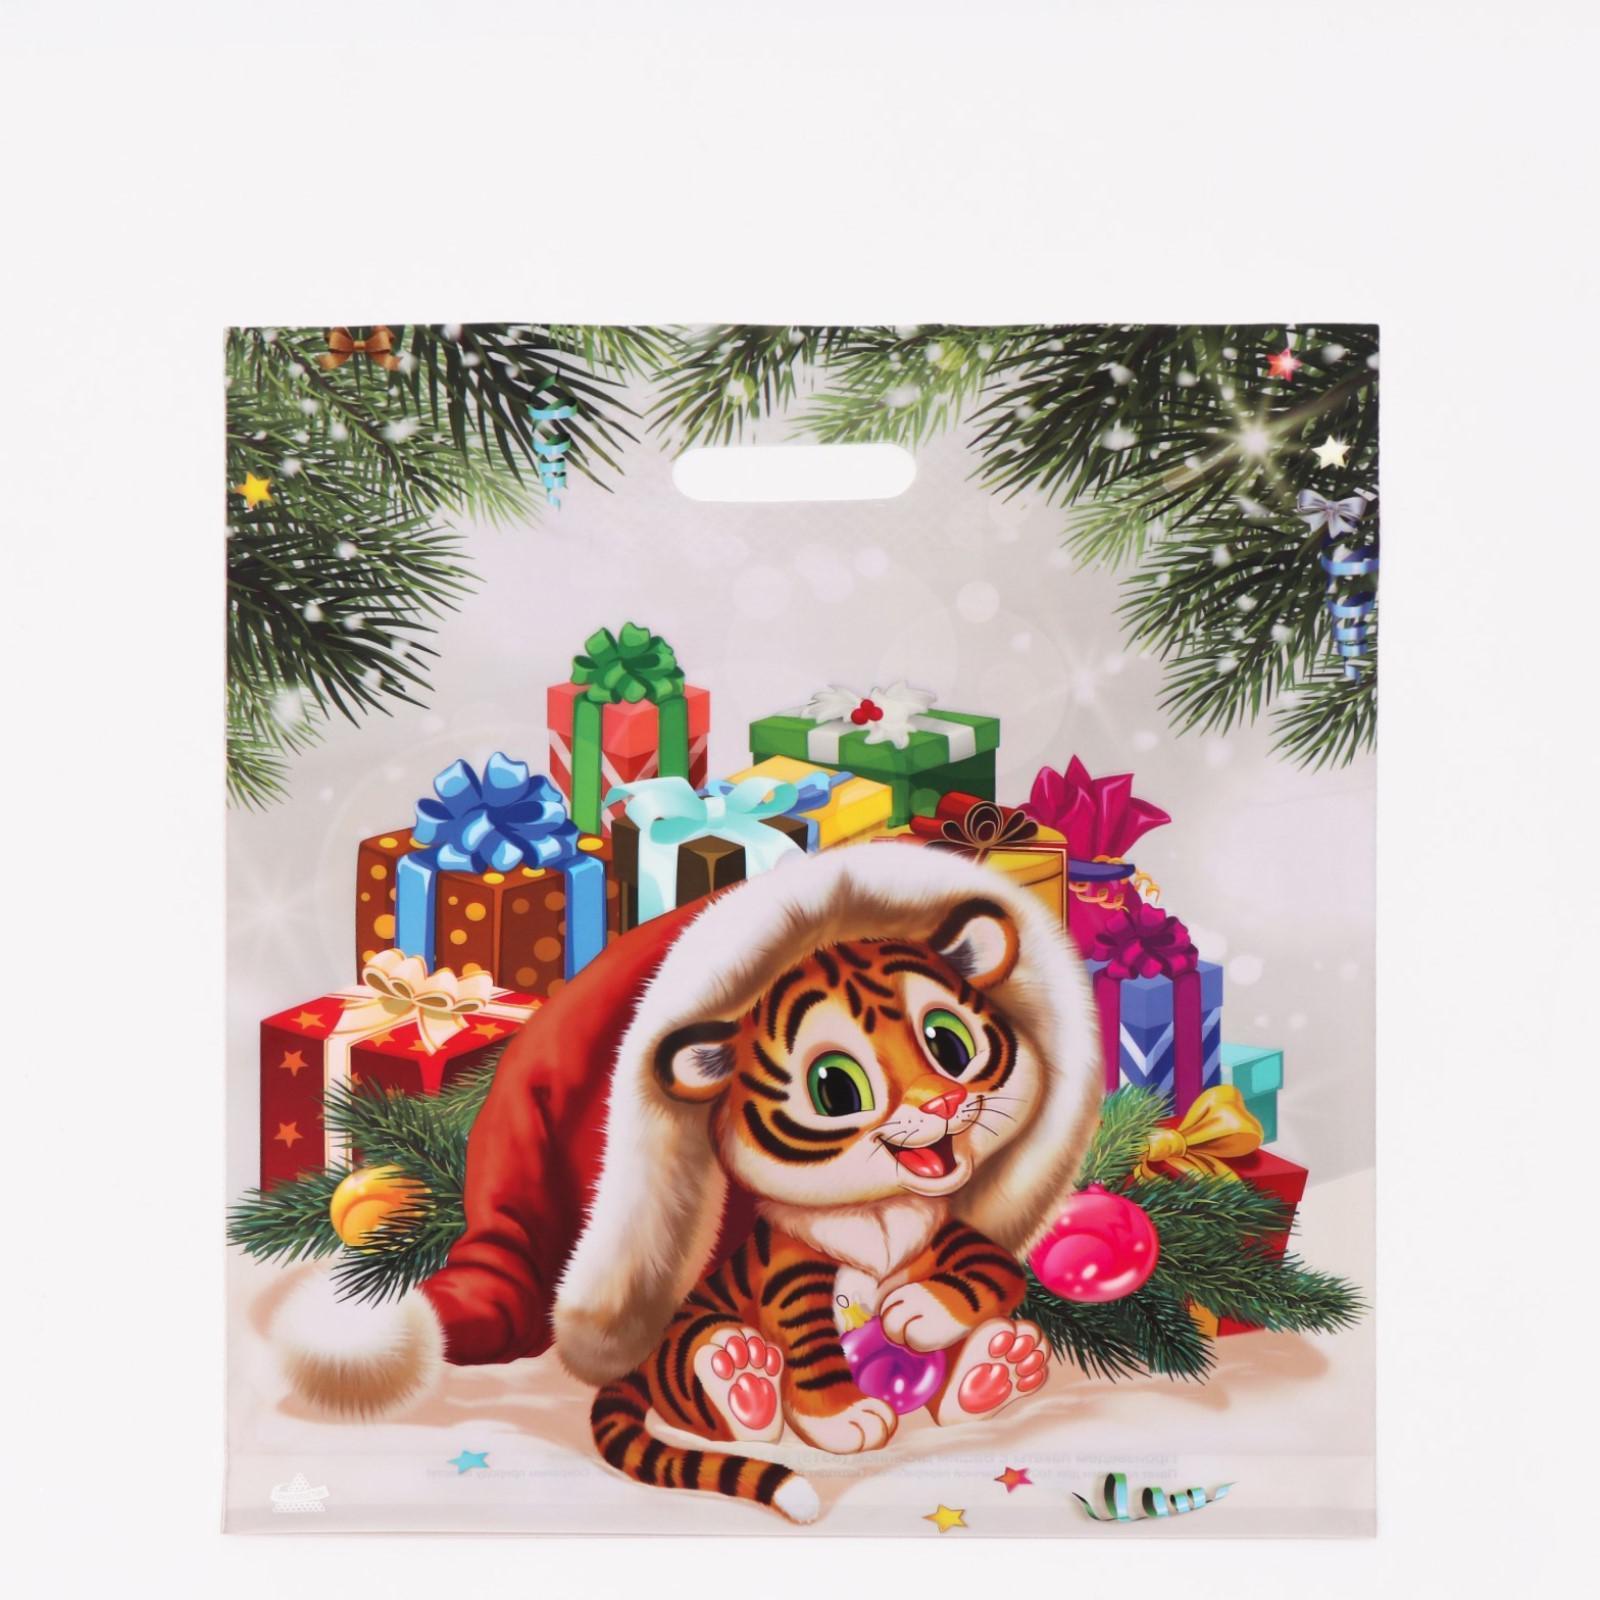 Пакет 7294949 Тигр с подарками, полиэтиленовый с вырубной ручкой, 45 х 38см, 60мкм